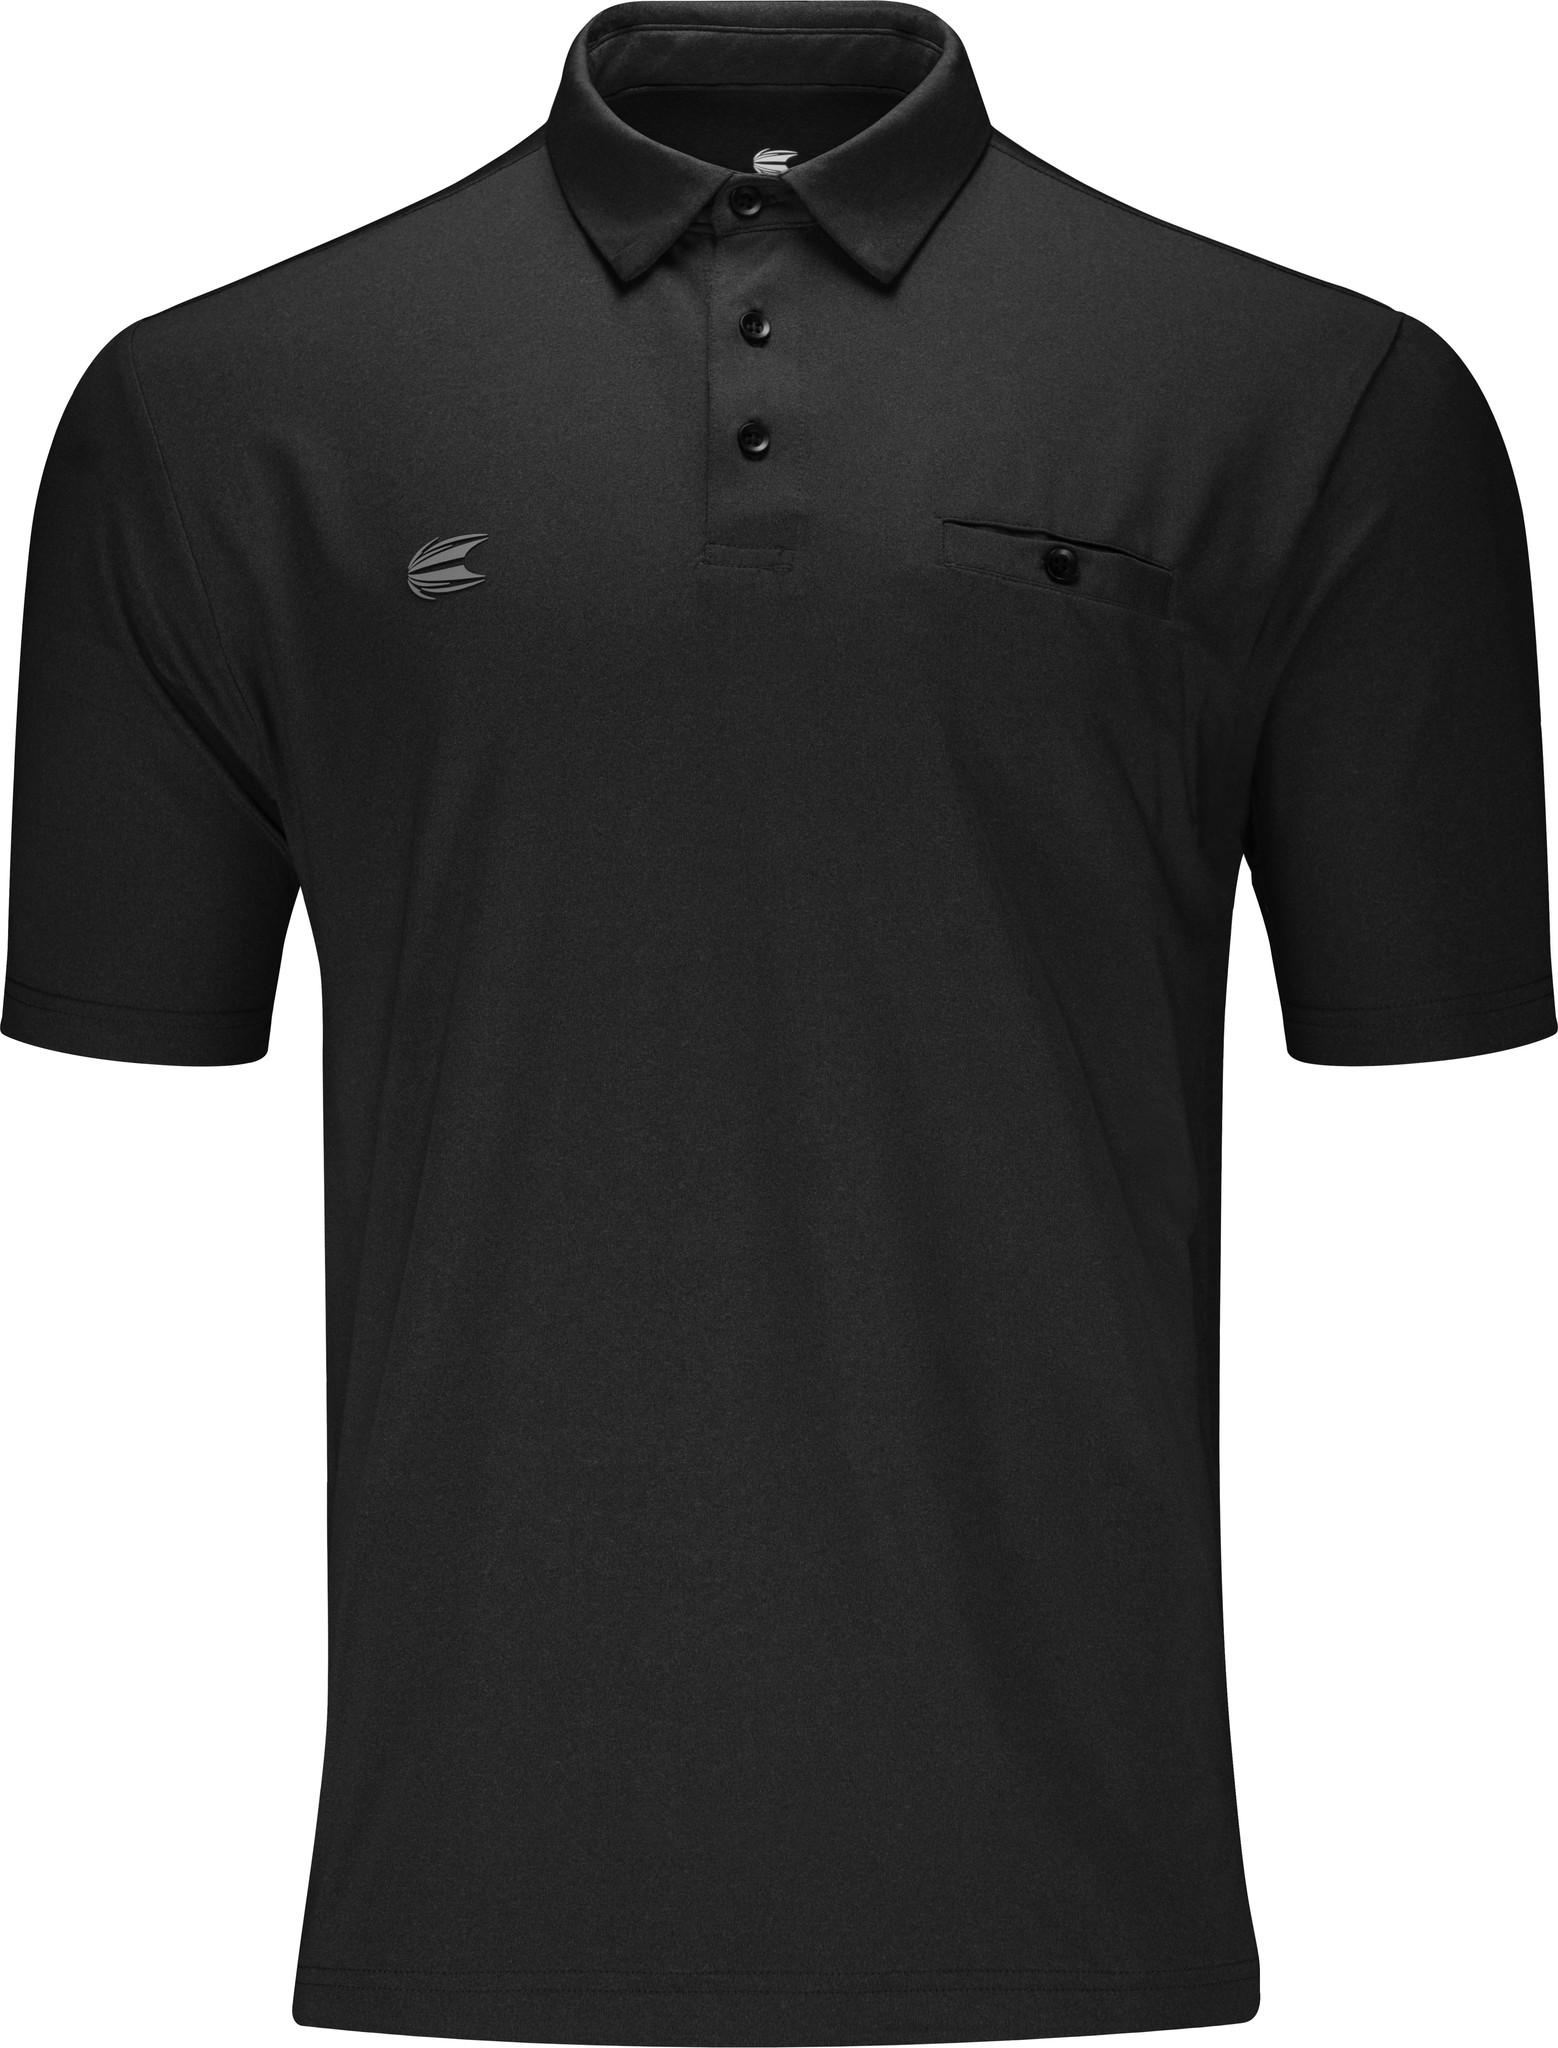 SALE: 30% - Target Flexline Shirt Black